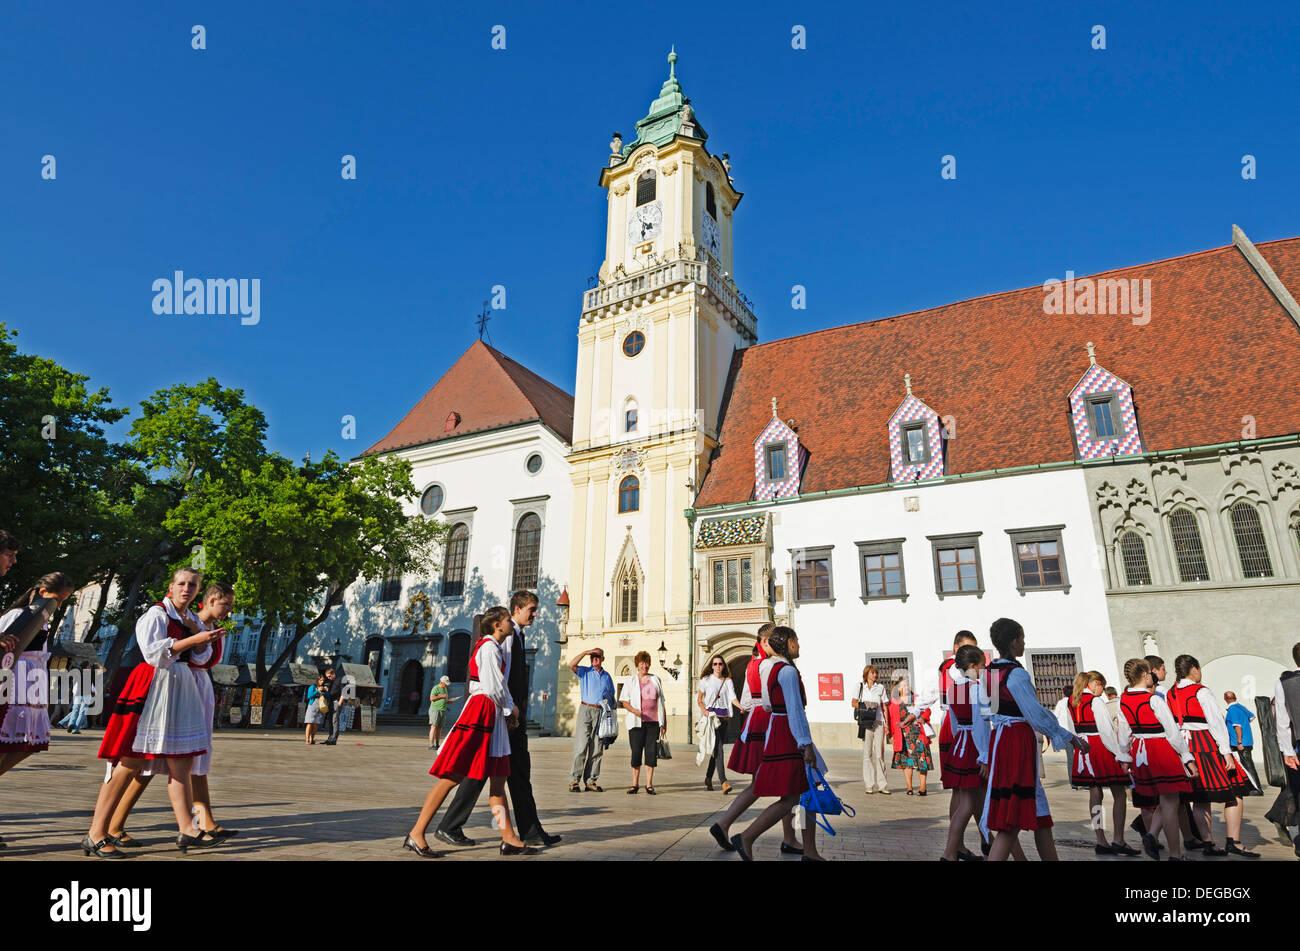 I bambini in costume tradizionale nella piazza principale, il Municipio vecchio museo municipale risalente al 1421, Bratislava, Slovacchia Immagini Stock